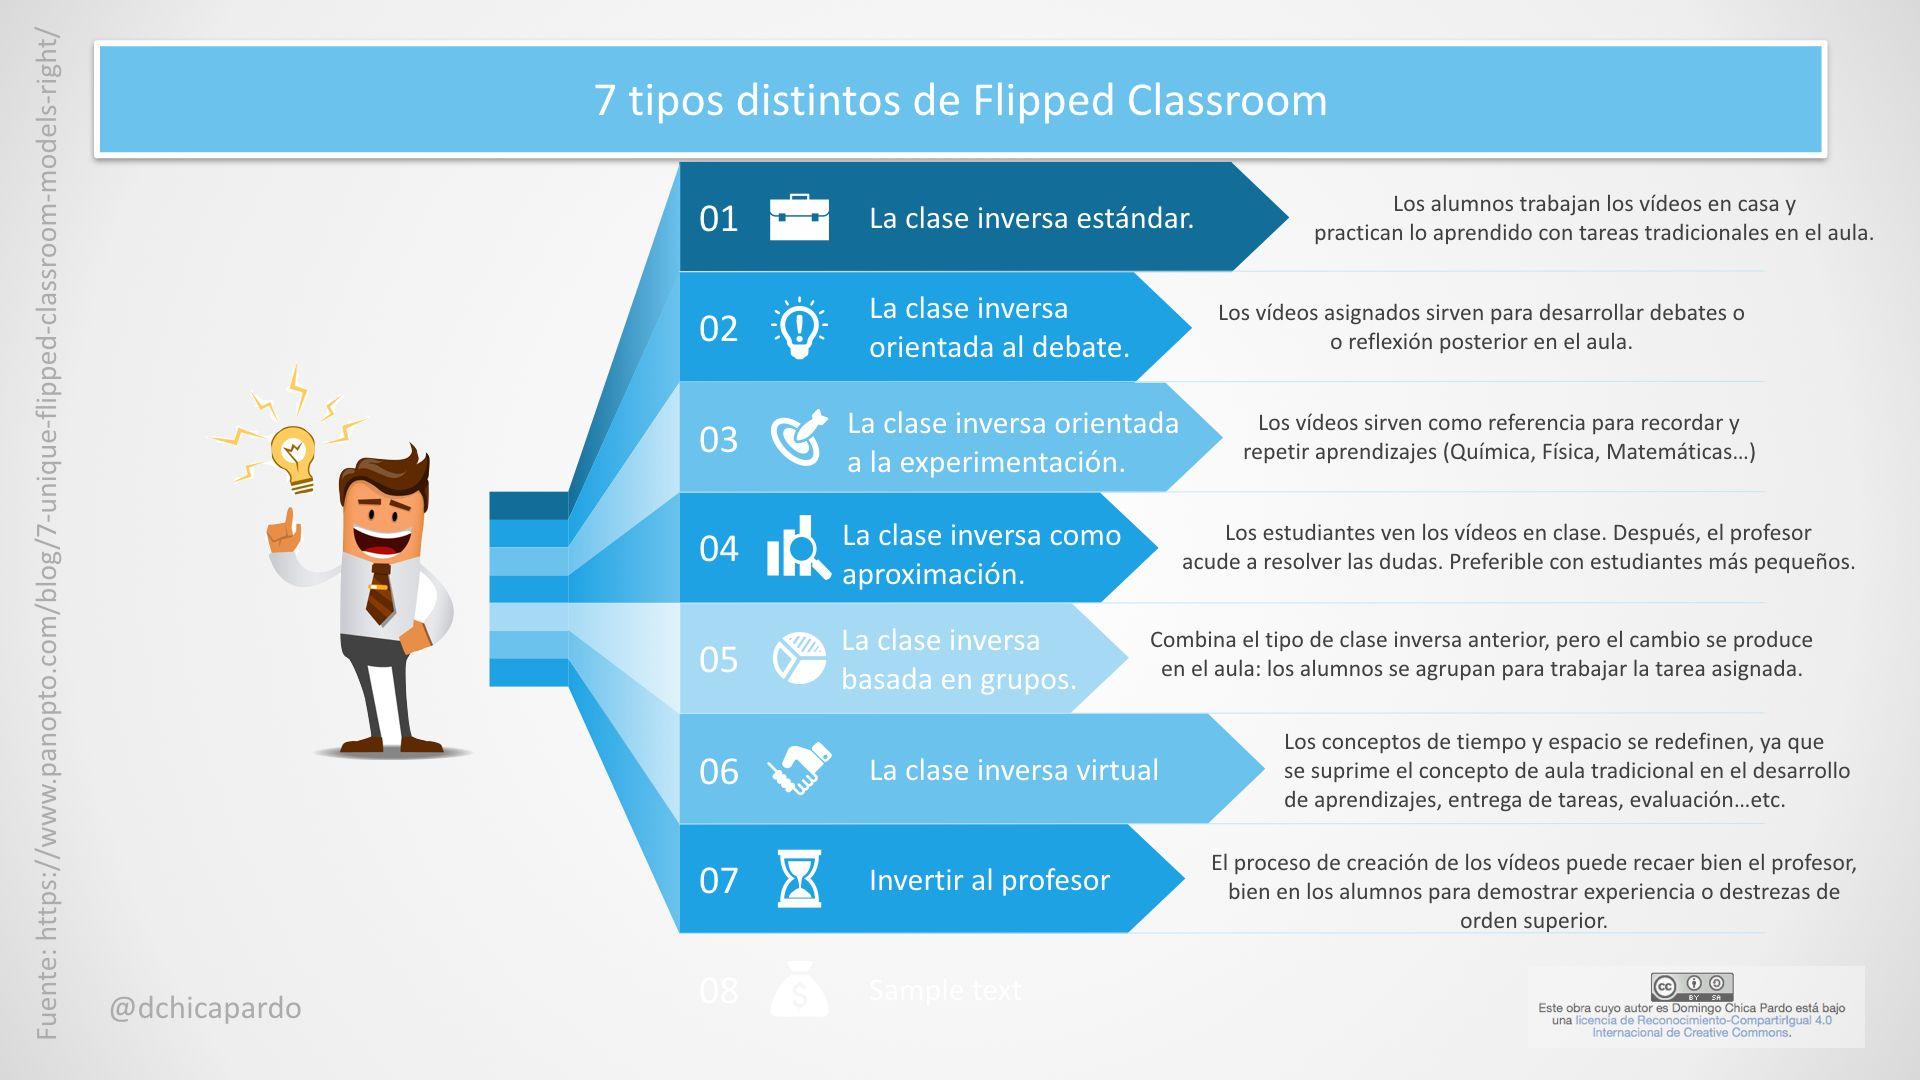 Los siete modelos de flipped classroom: ¿Con cuál te quedas?